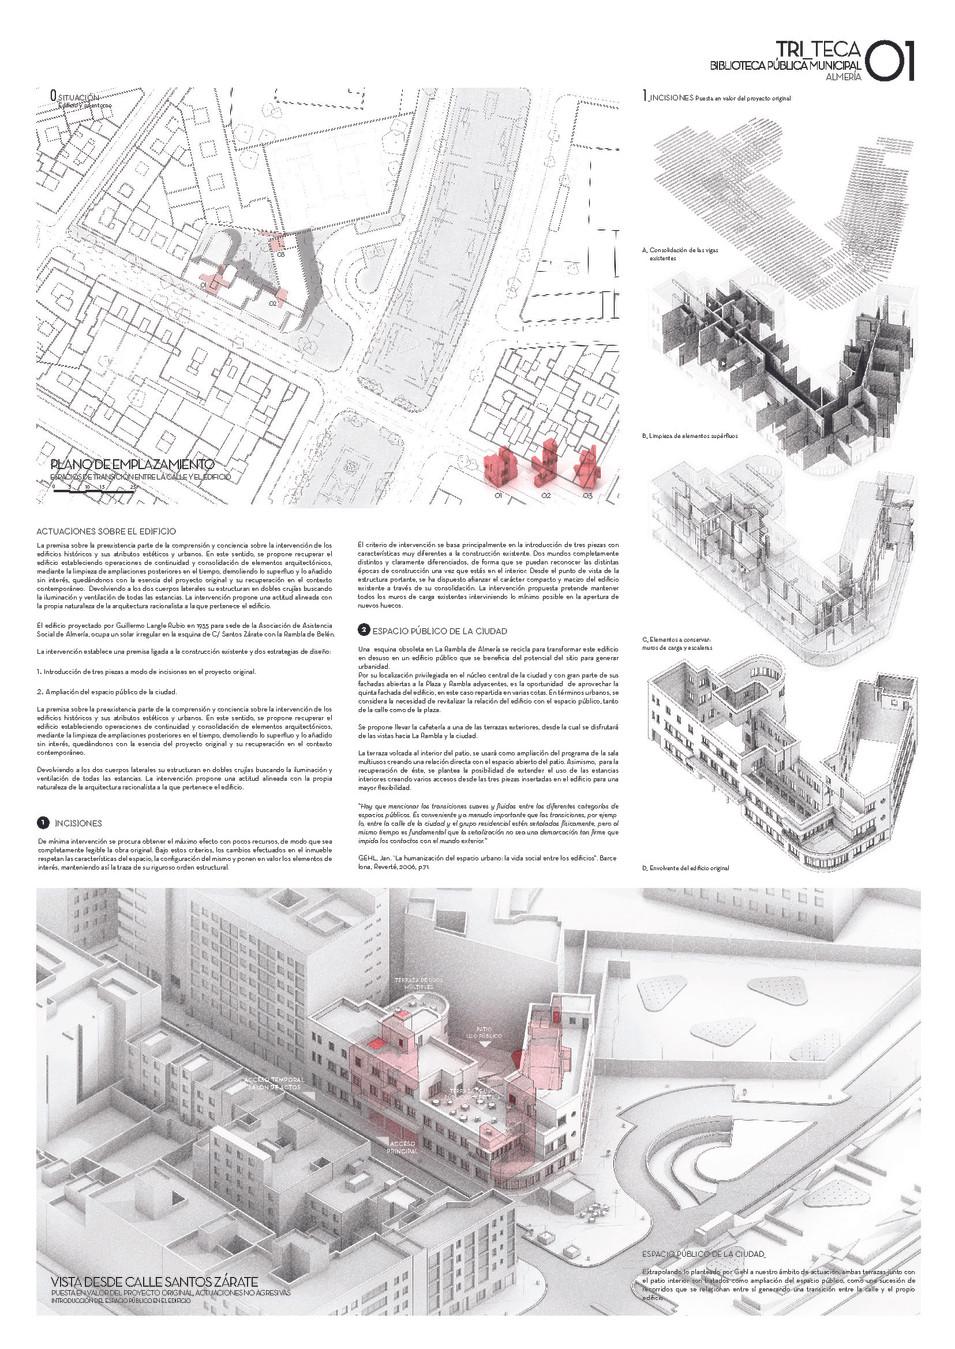 TRI_TECA-Print_Page_1.jpg